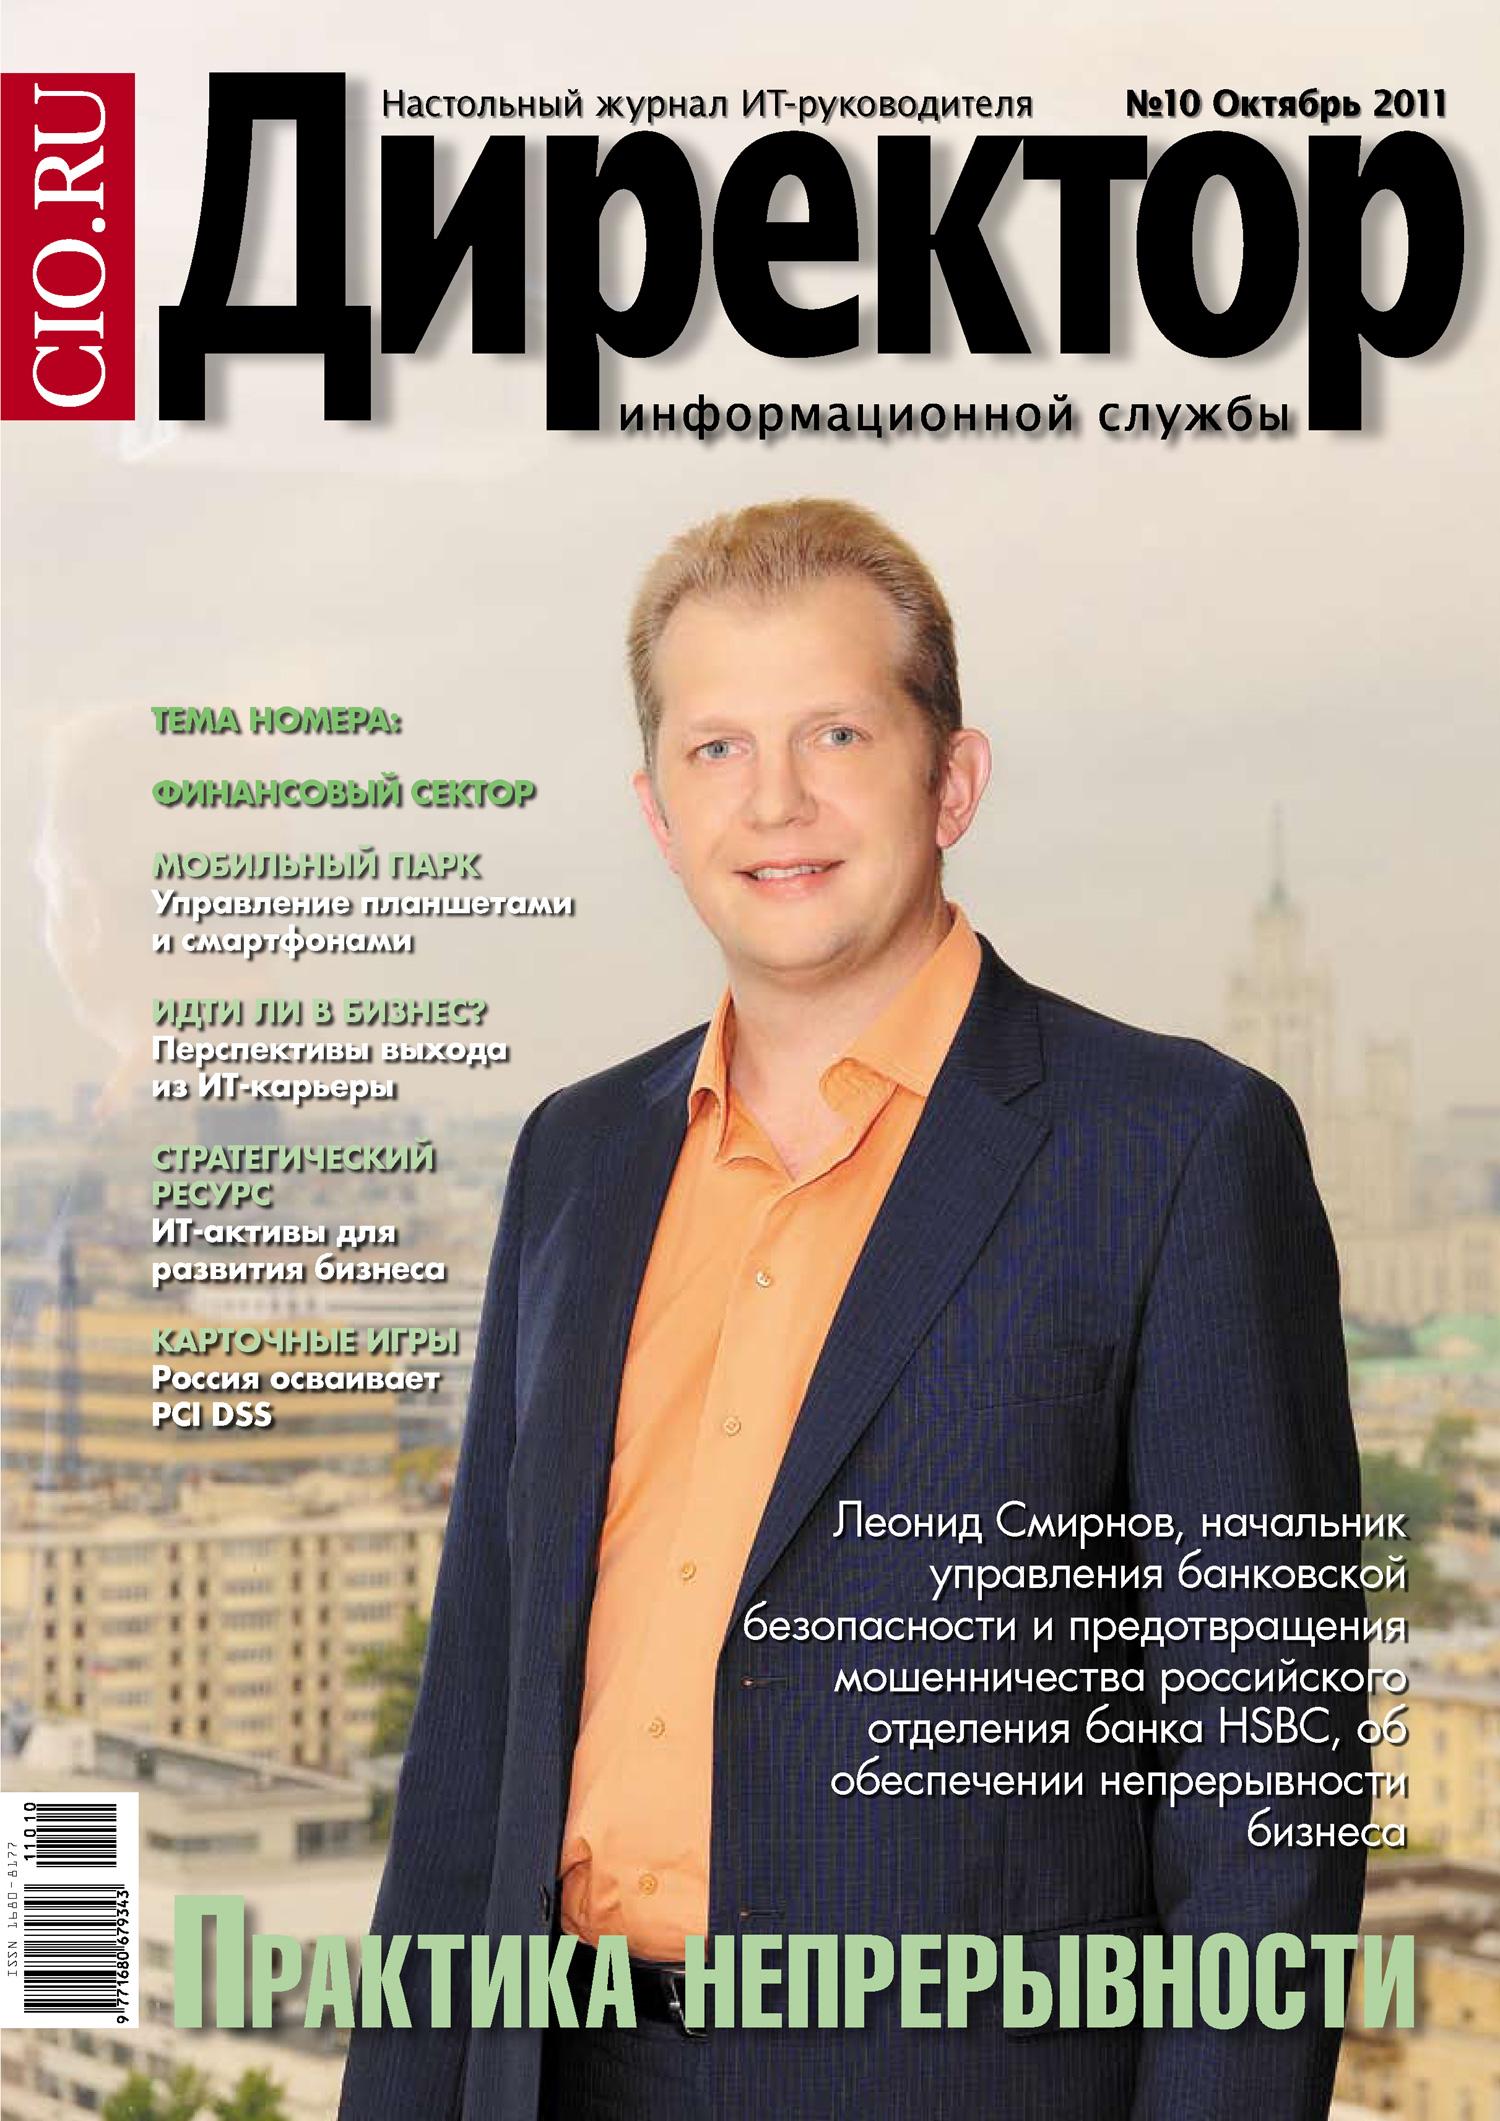 Директор информационной службы №10/2011